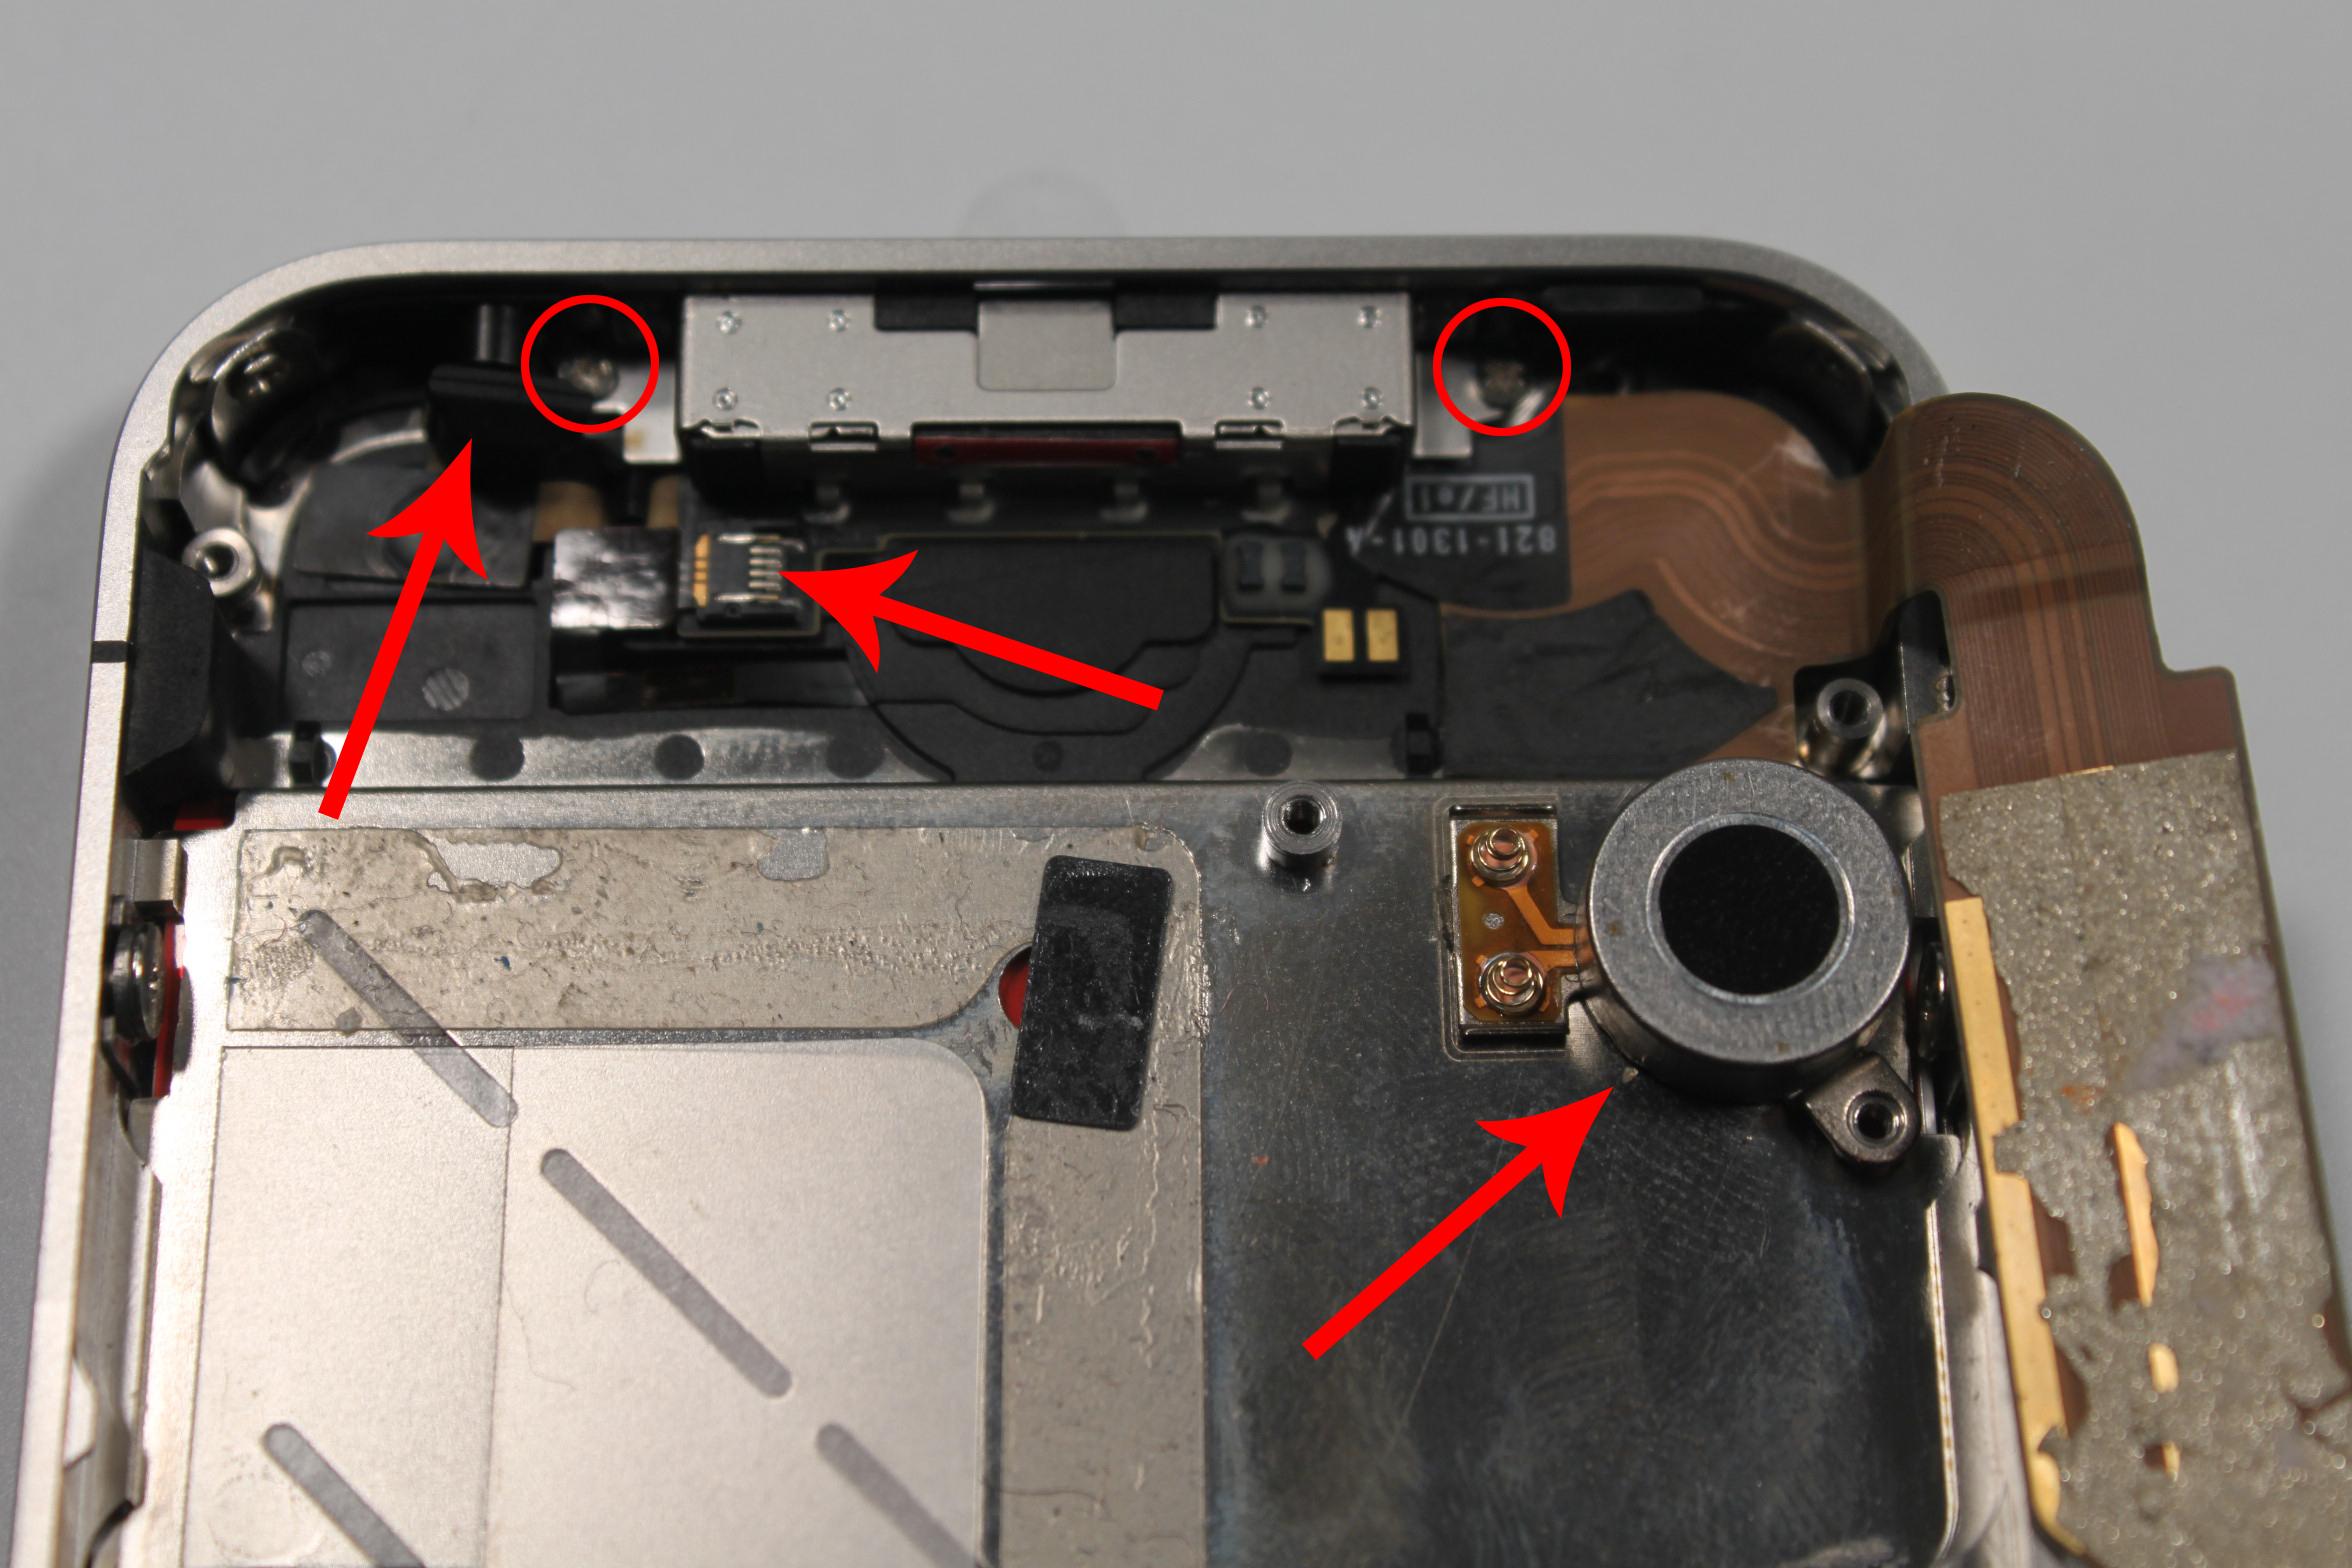 инструкции по ремонту Iphone и ремонту Macbook